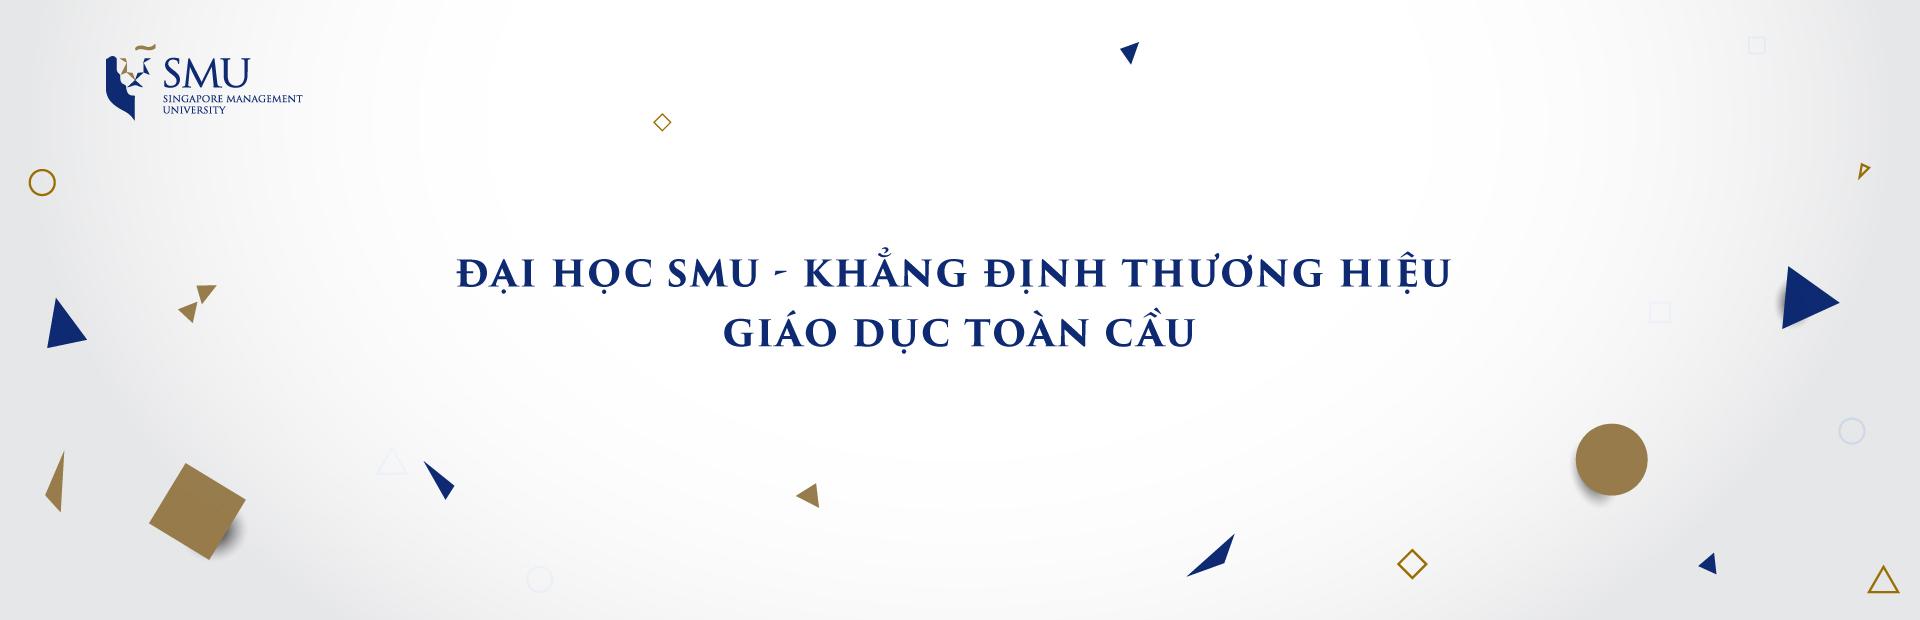 Banner SMU - Thương hiệu giáo dục toàn cầu